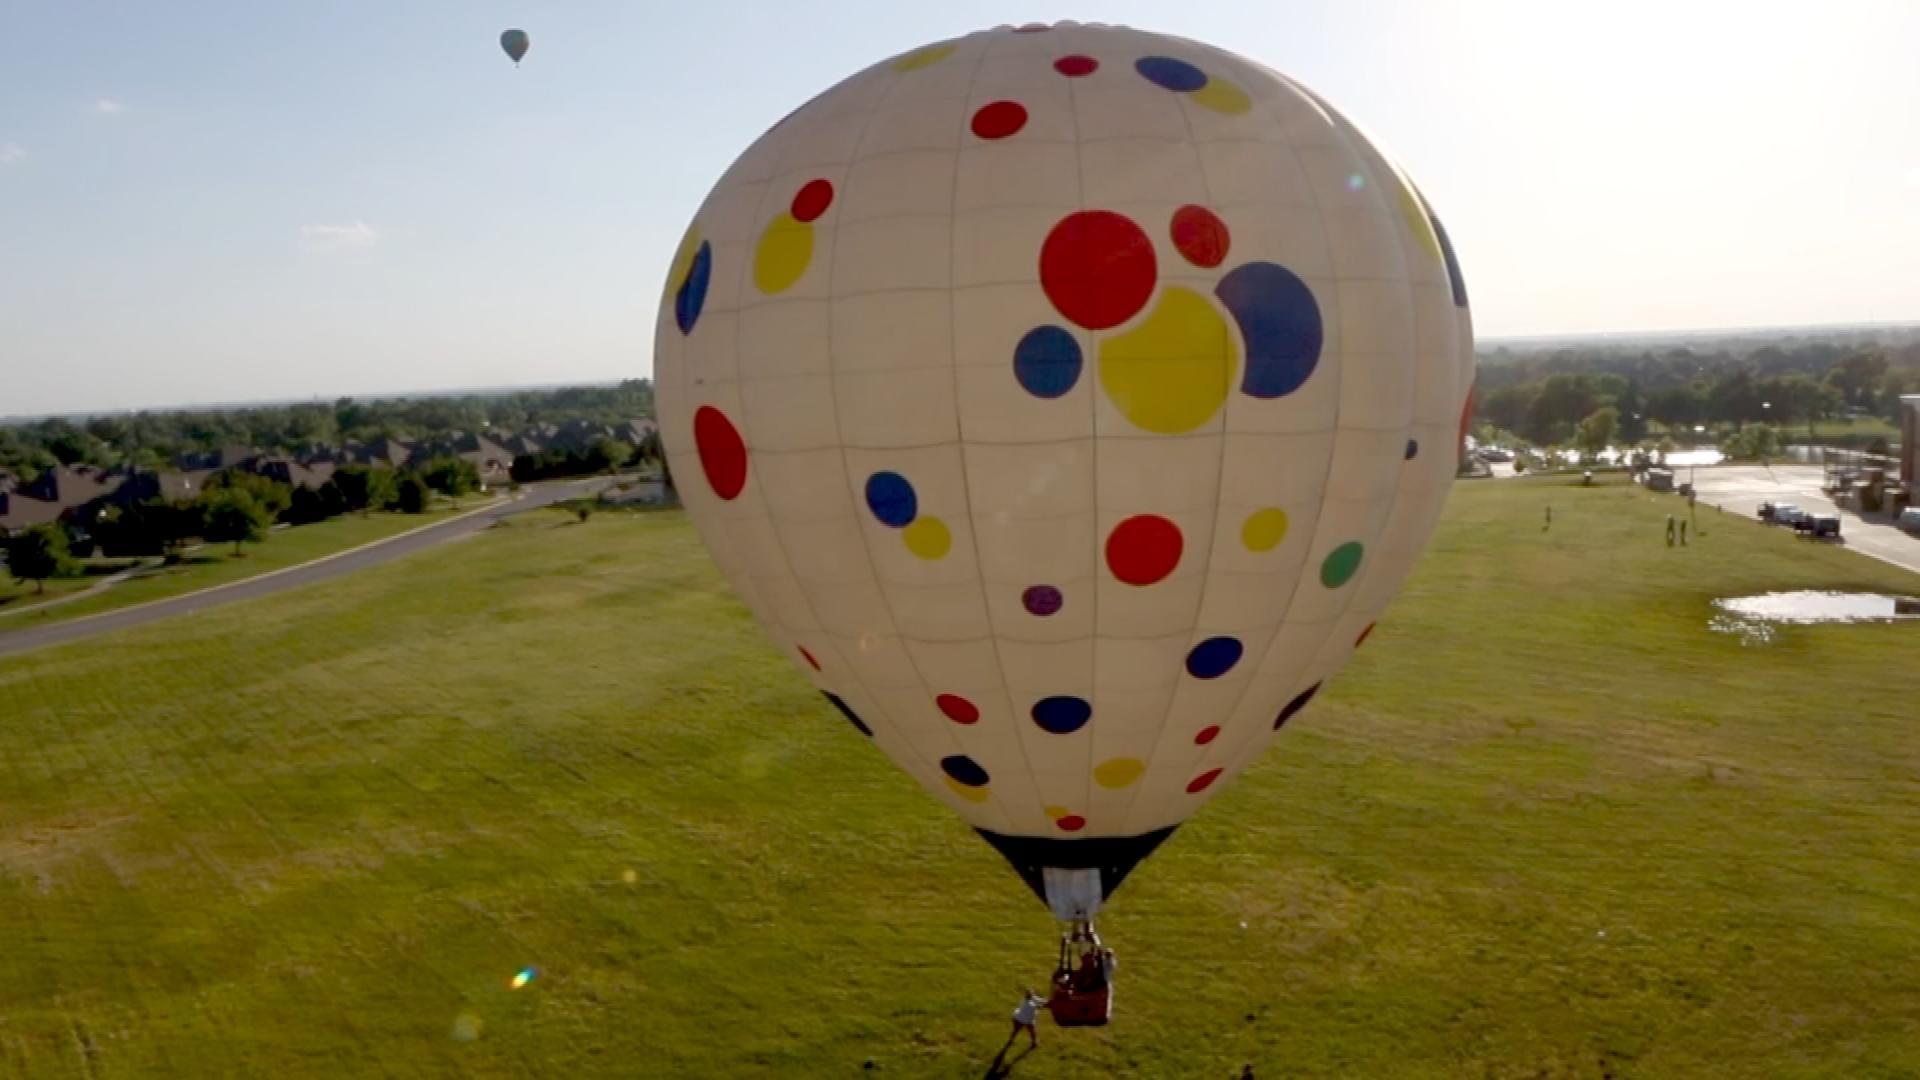 FireLake Fireflight Balloon Festival This Weekend